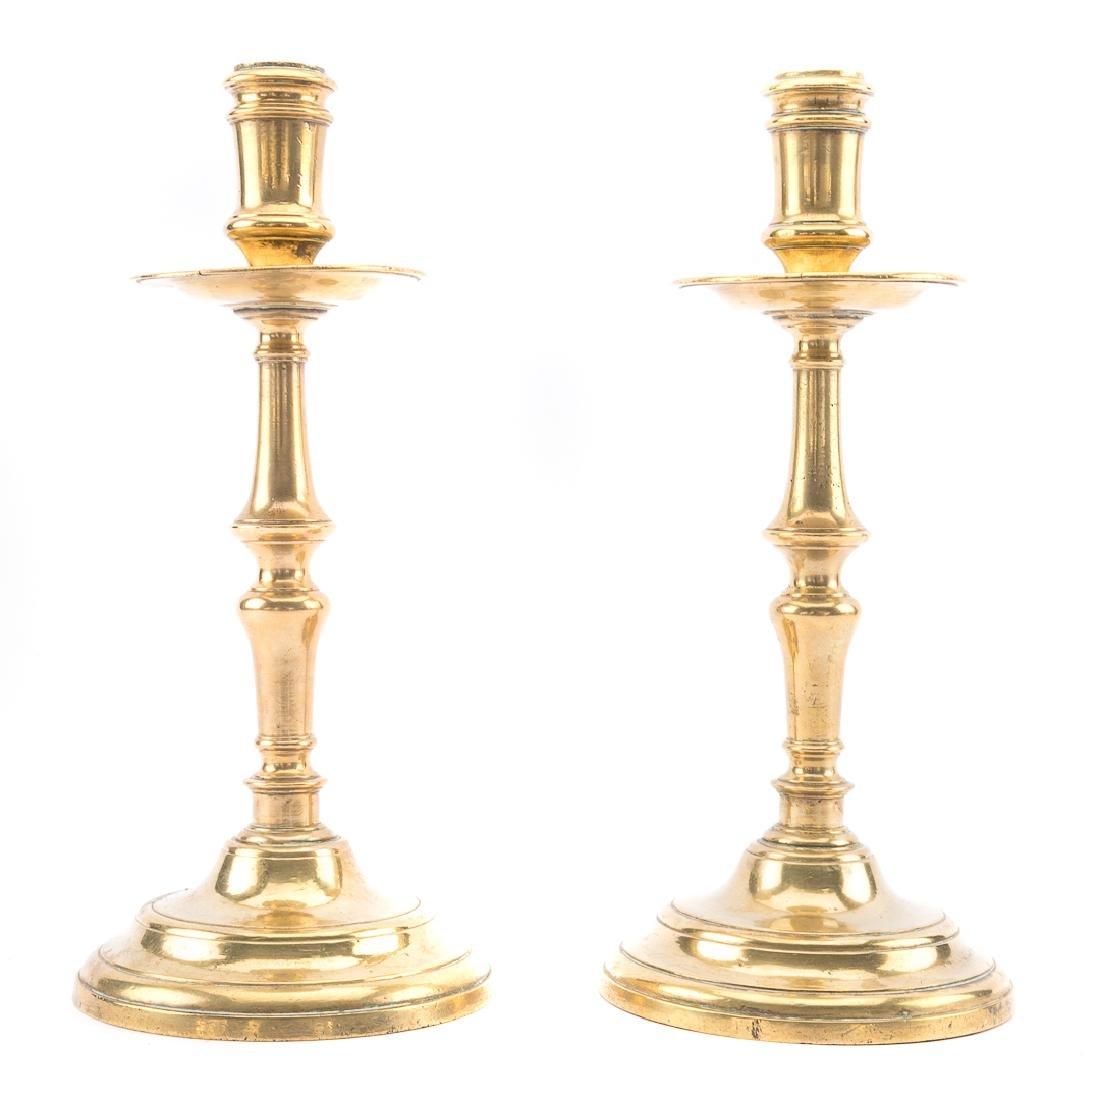 Pair of Dutch Heemskerk brass candlesticks - 3